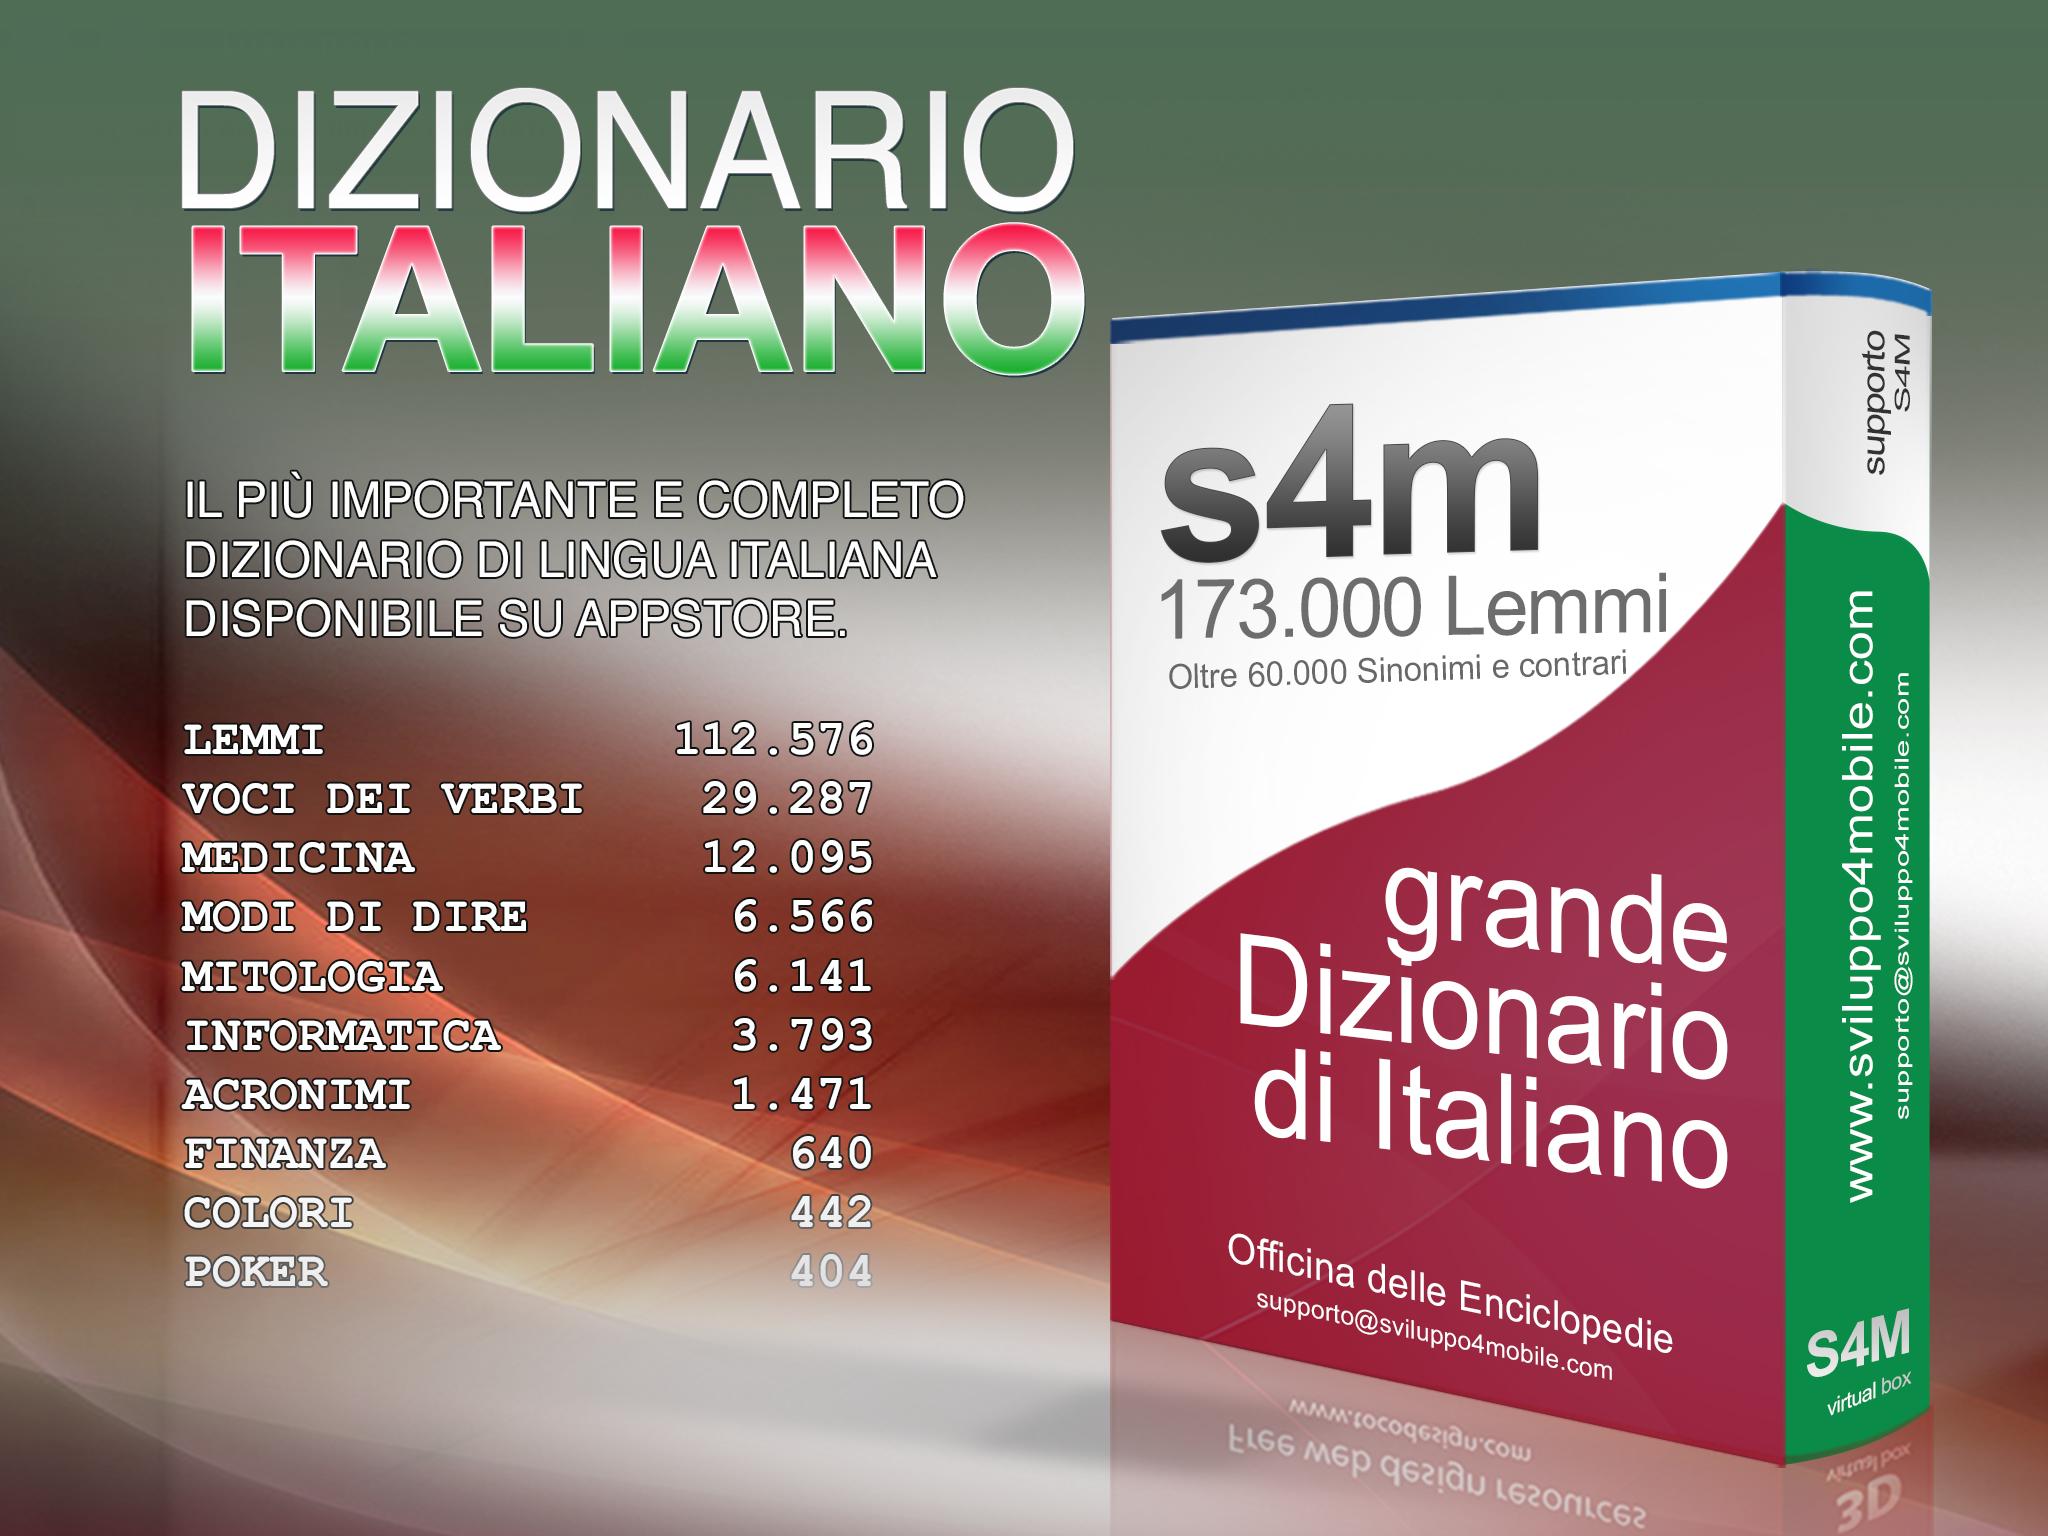 dizionario italiano gratis app